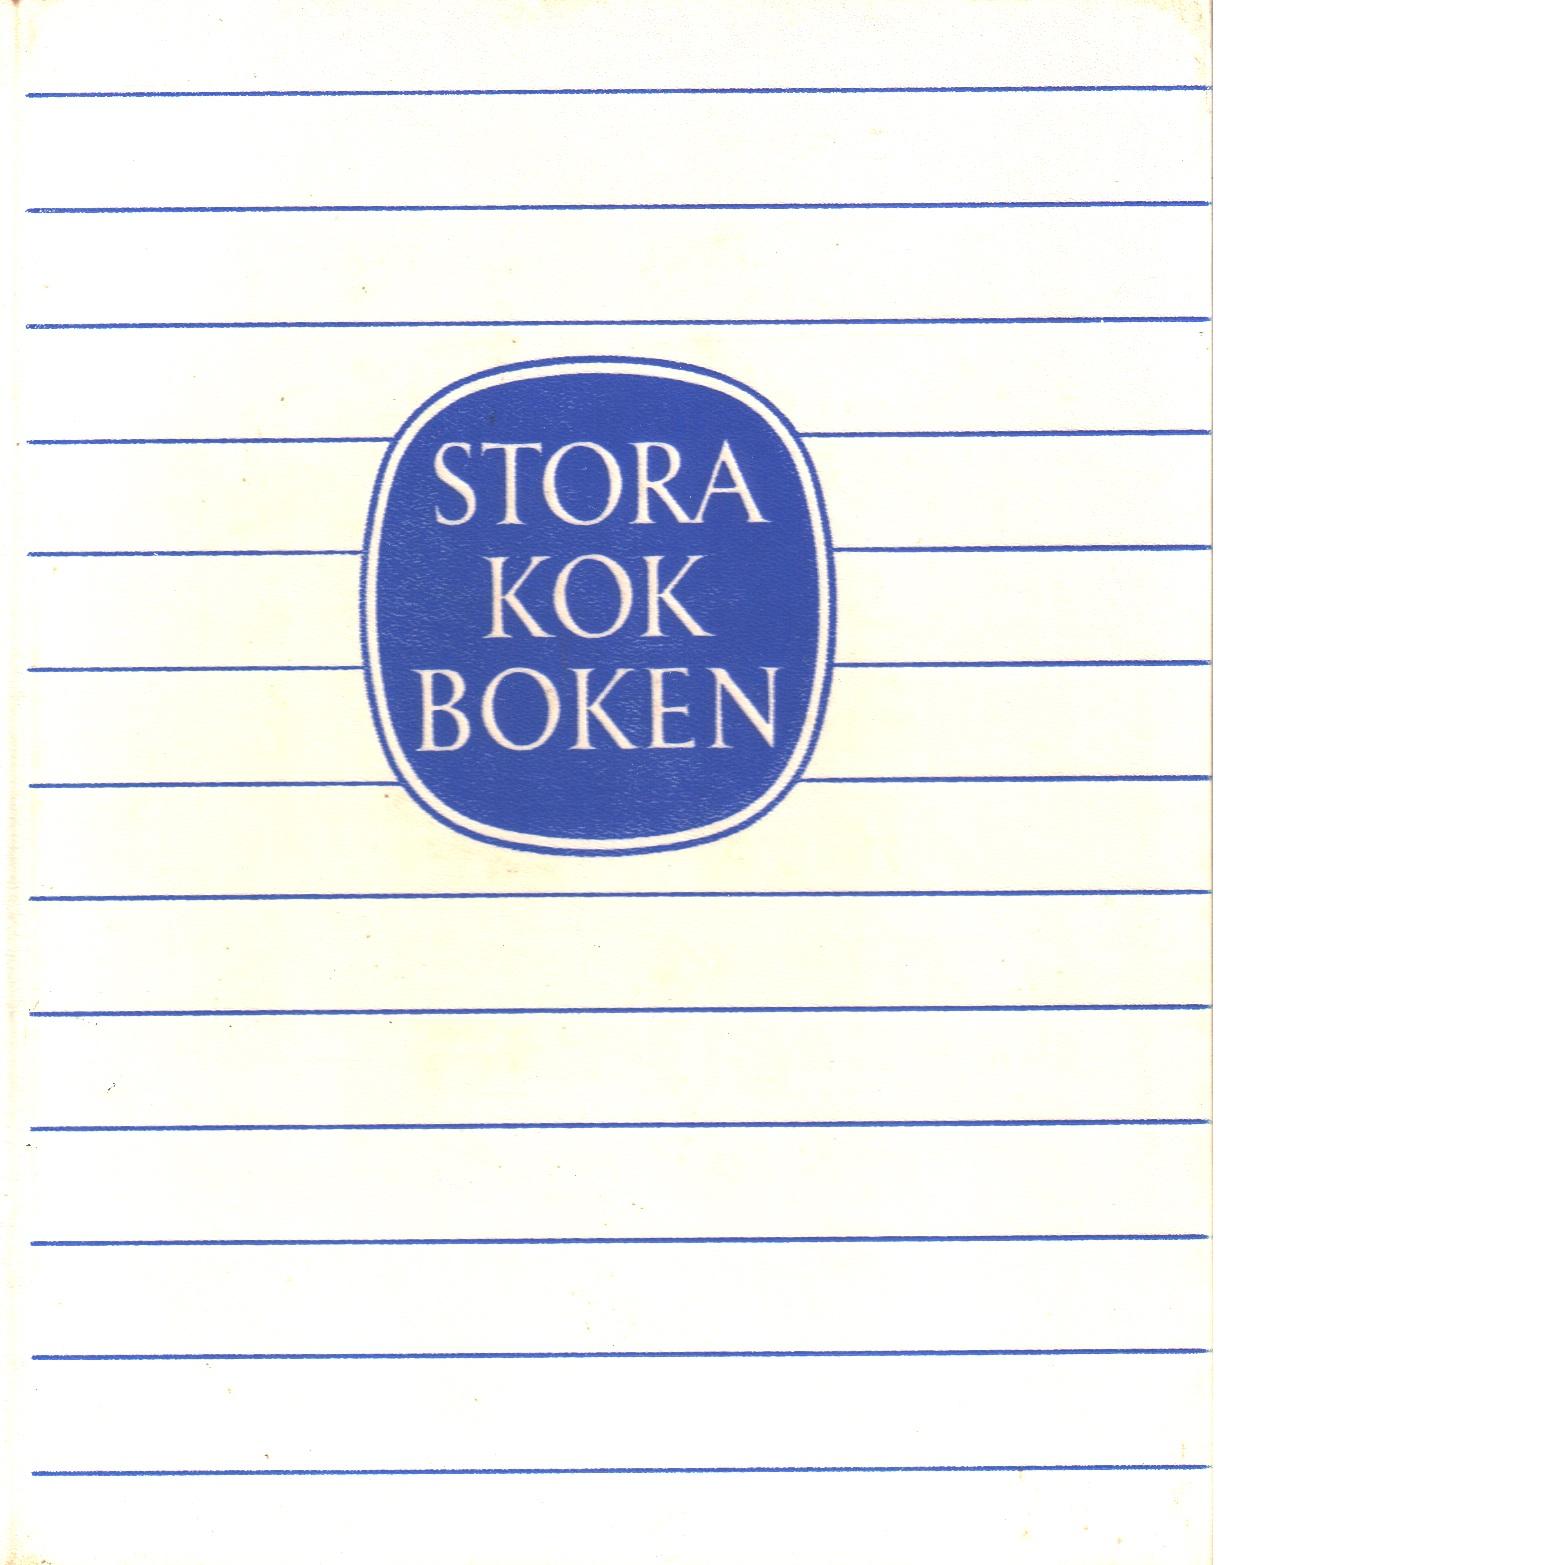 Stora kokboken : Hushållets uppslagsbok i alla matfrågor - Red.